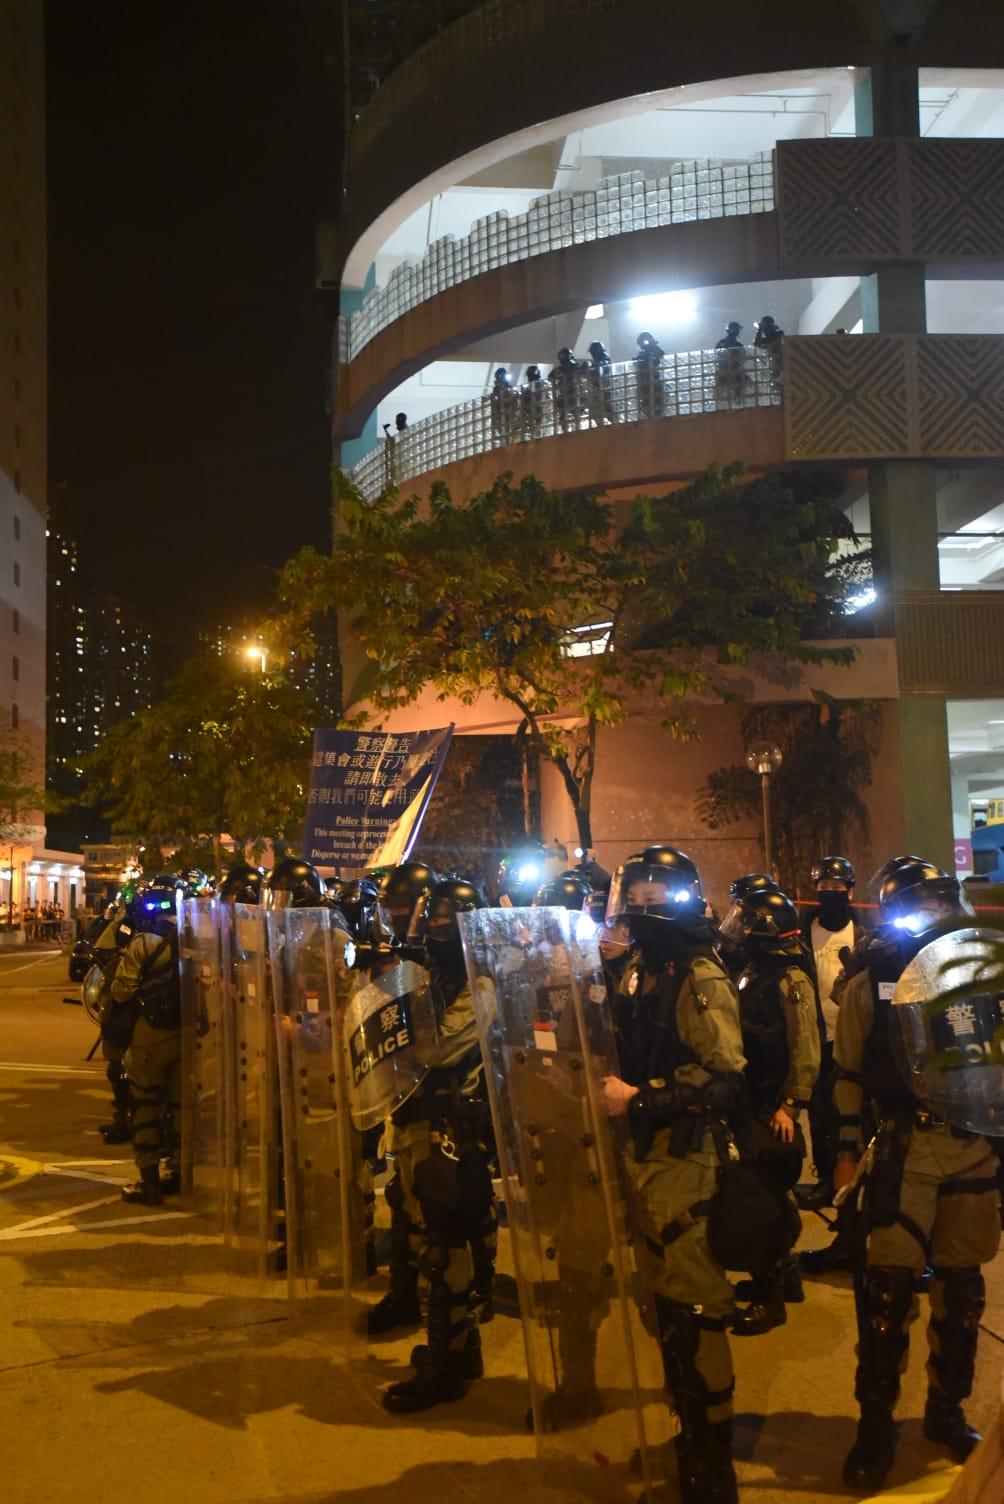 防暴警舉旗及透過揚聲器要求在場人士散去。